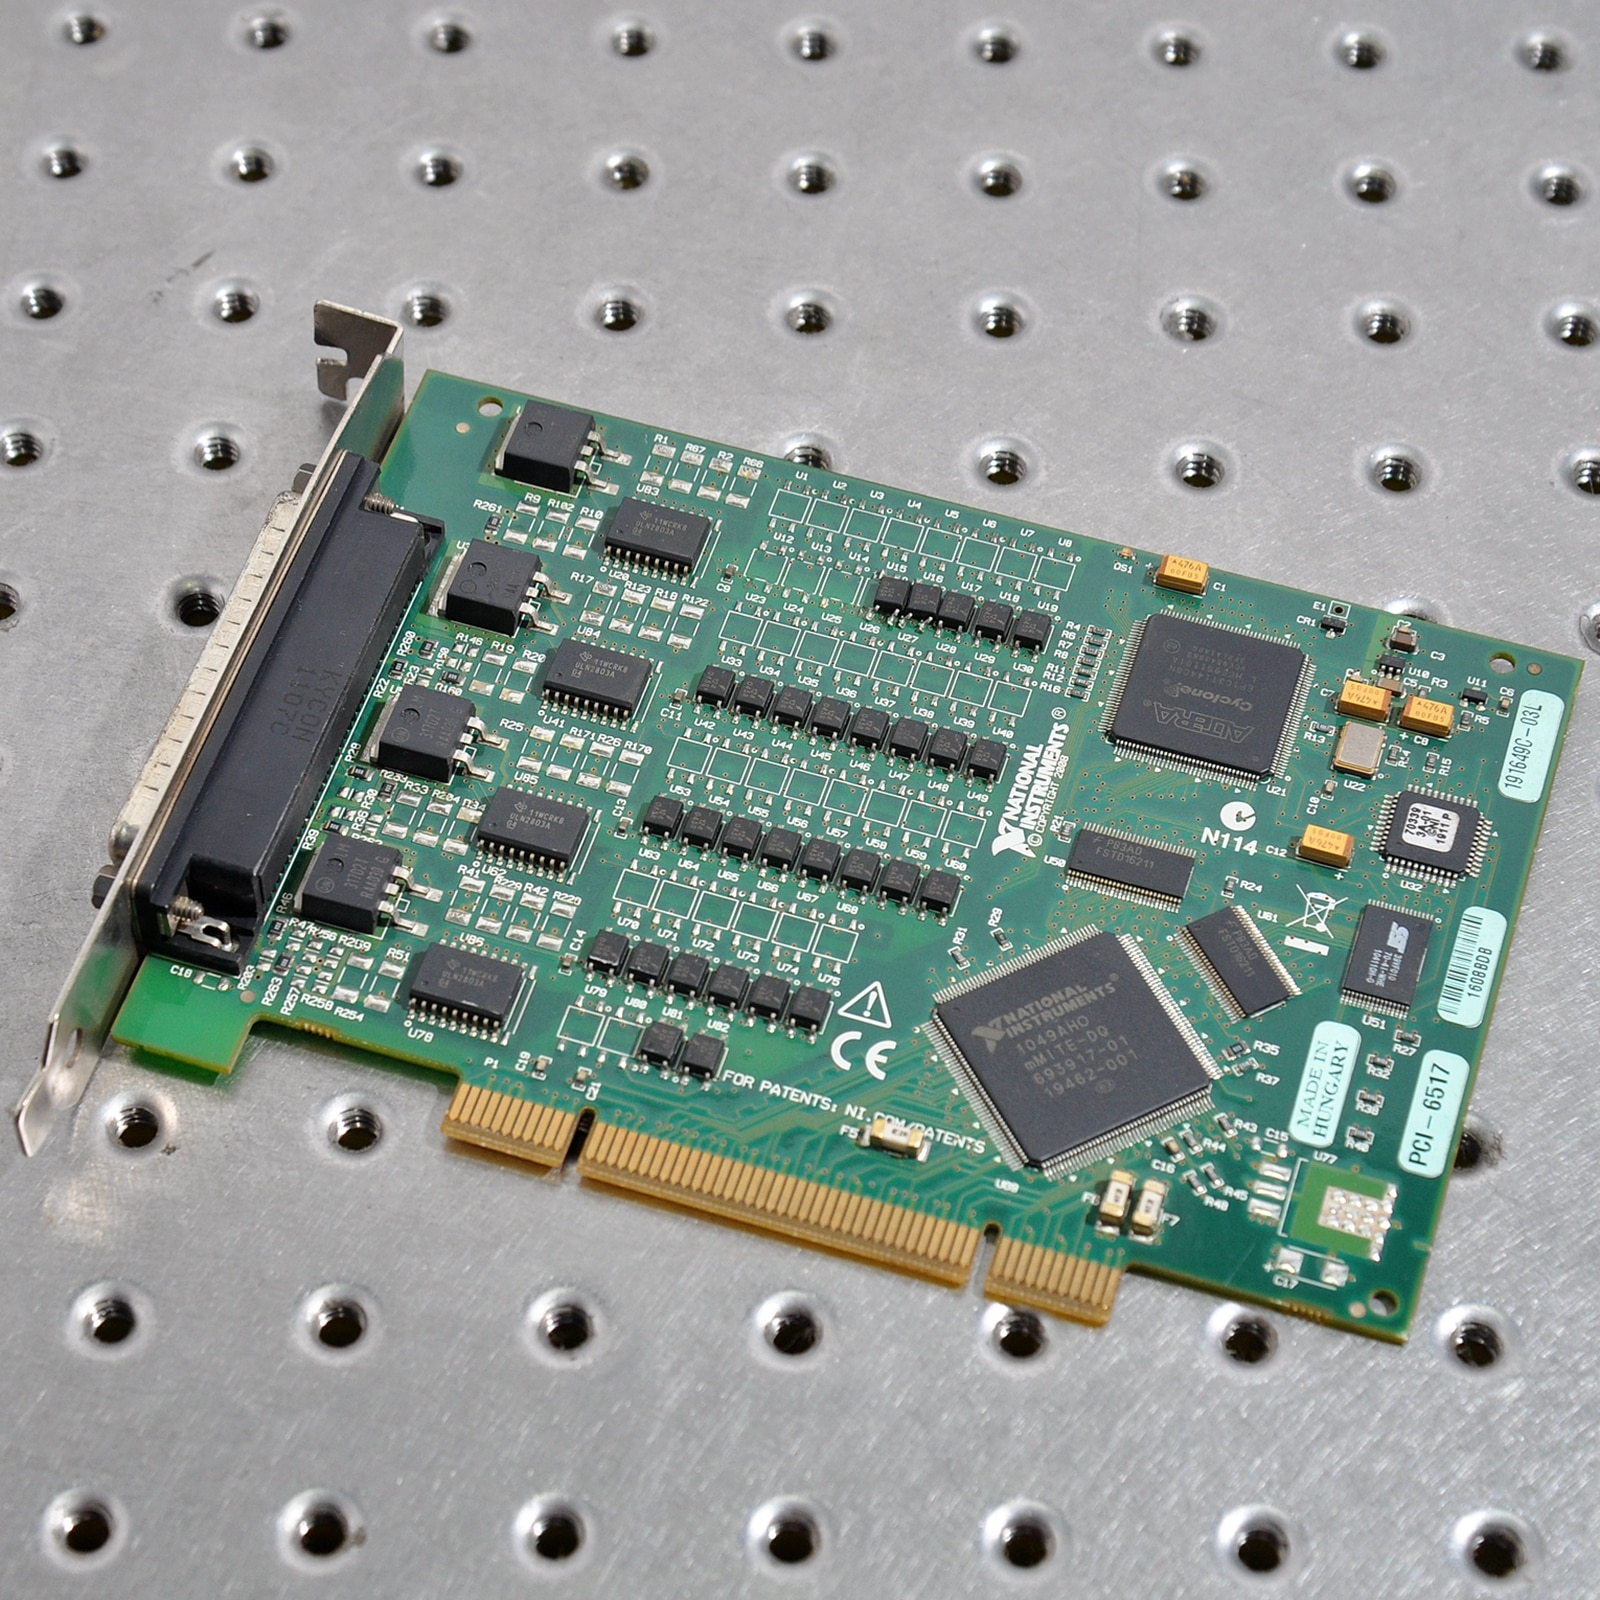 NI PCI-6517 Digital I/O Equipment Industrial Digital Output Card